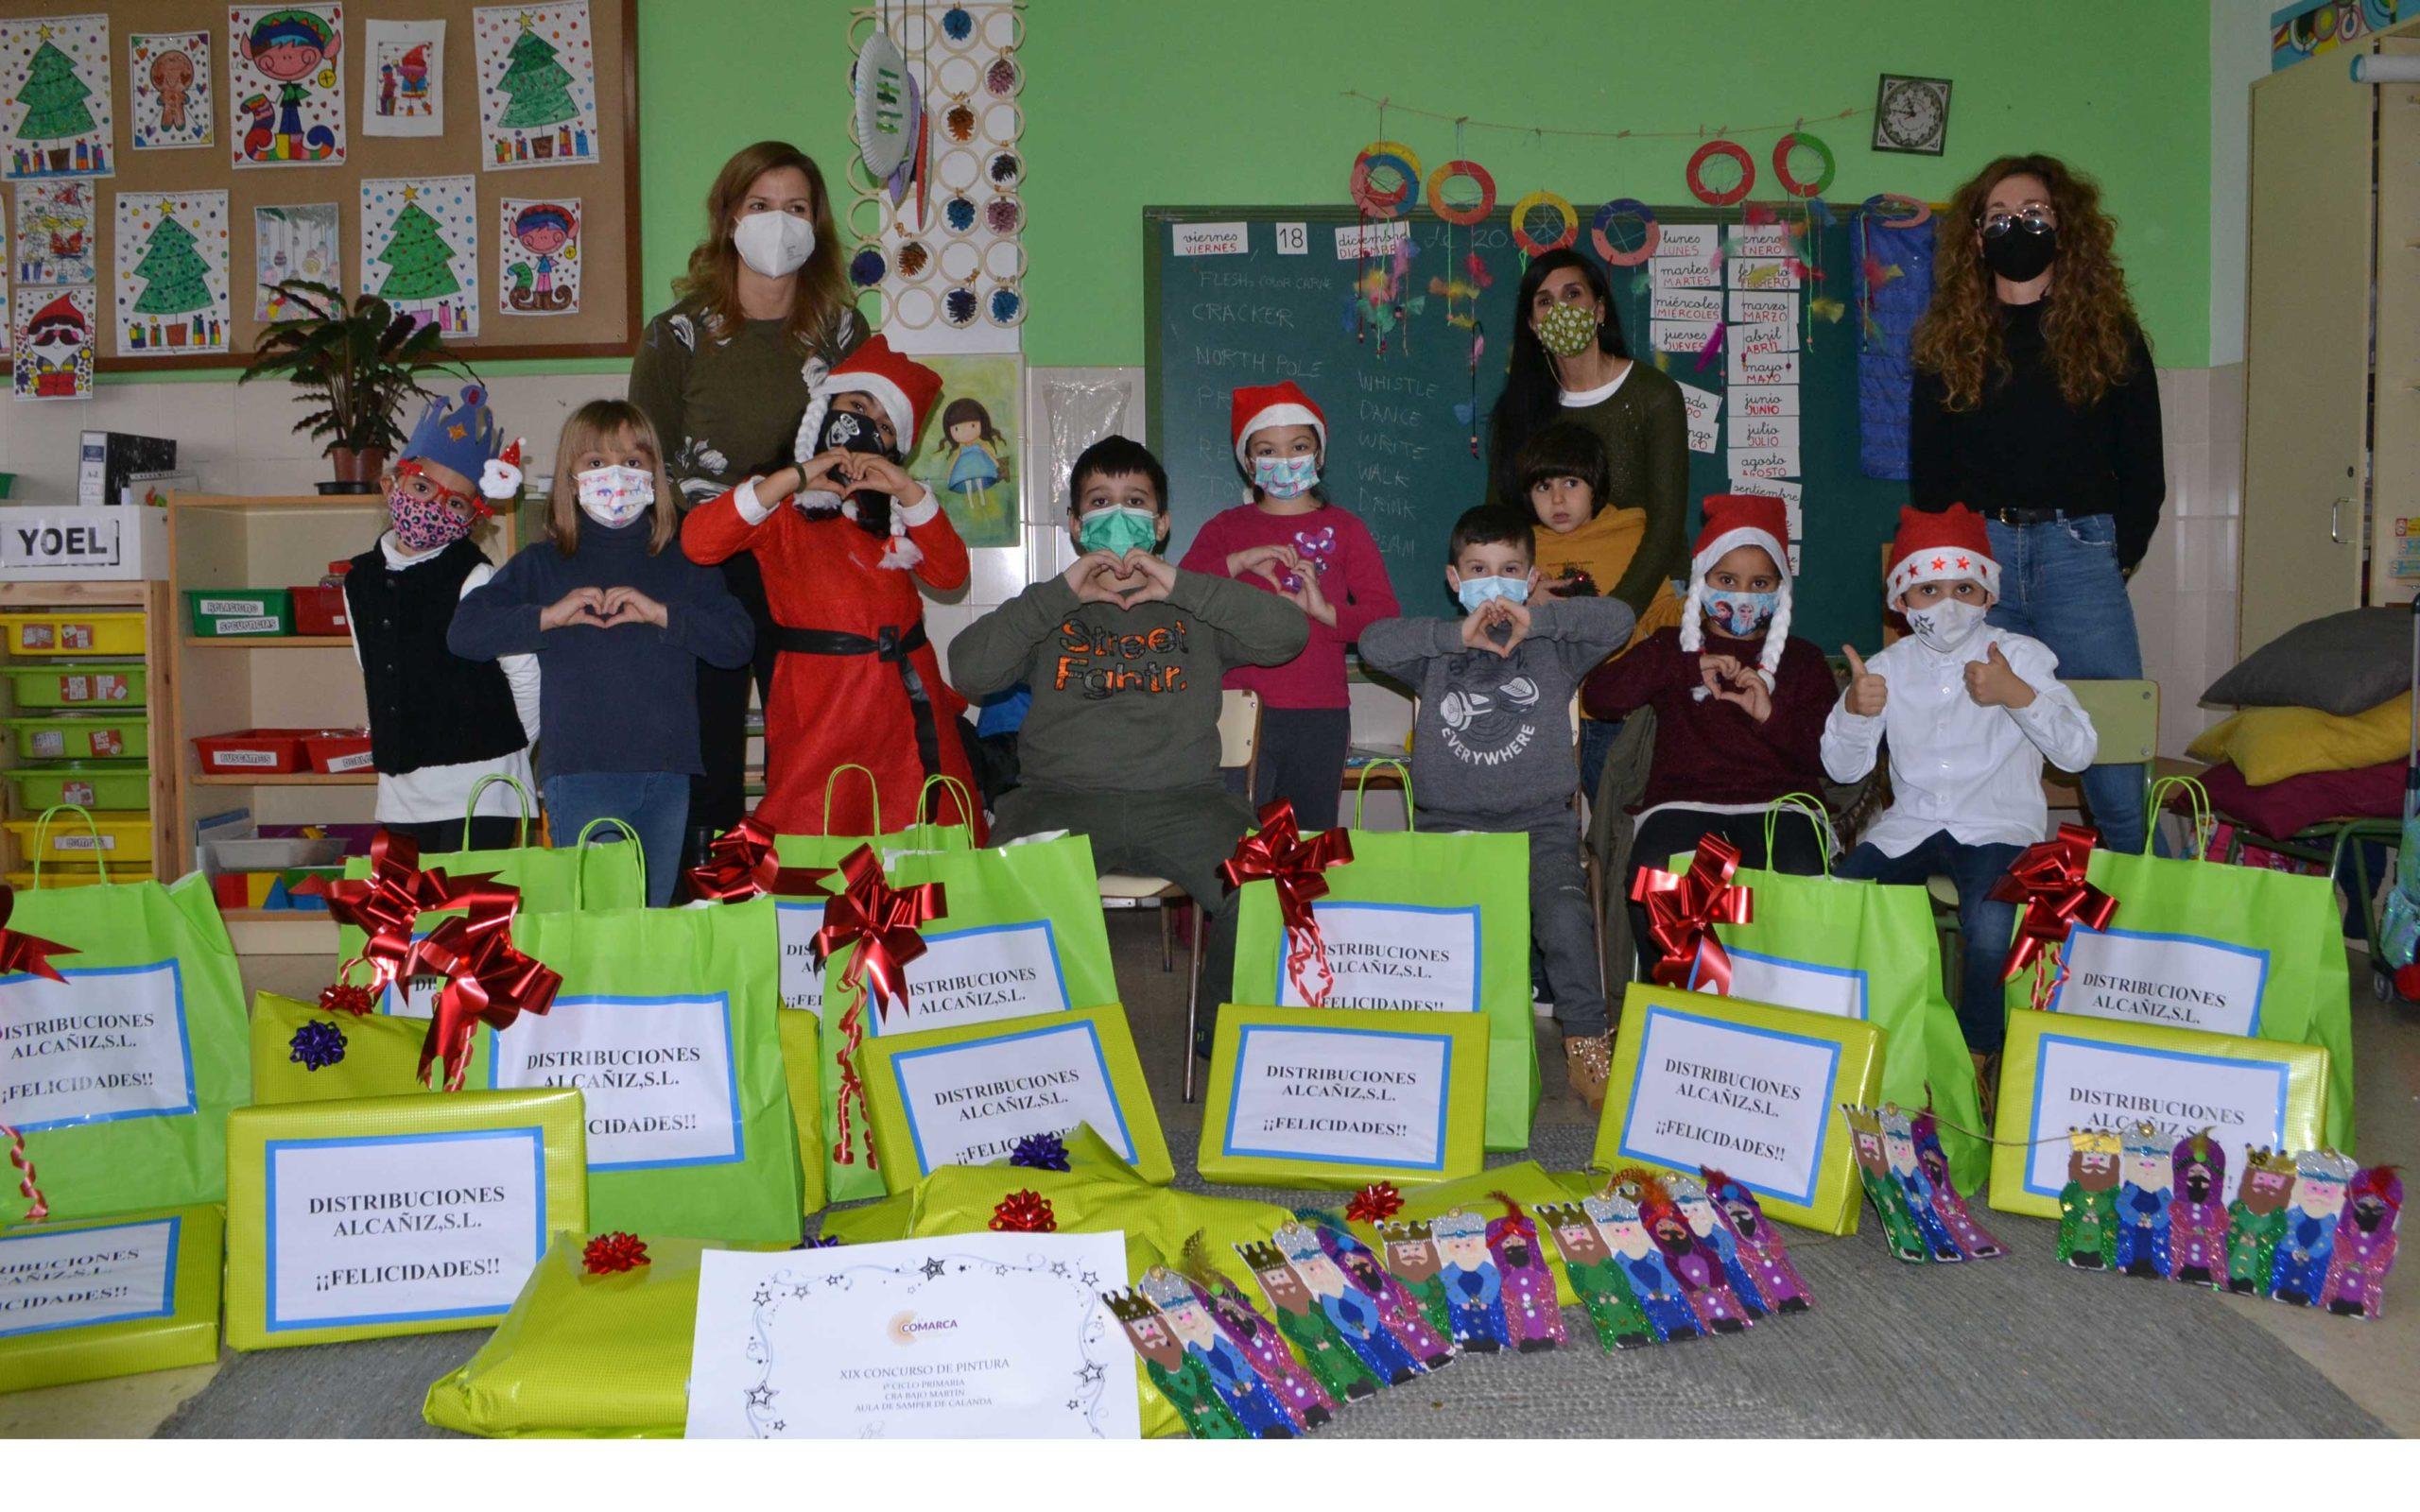 Los 9 alumnos del colegio de Samper con los regalos del concurso de postales junto a Eva Defior y María Ibañez.